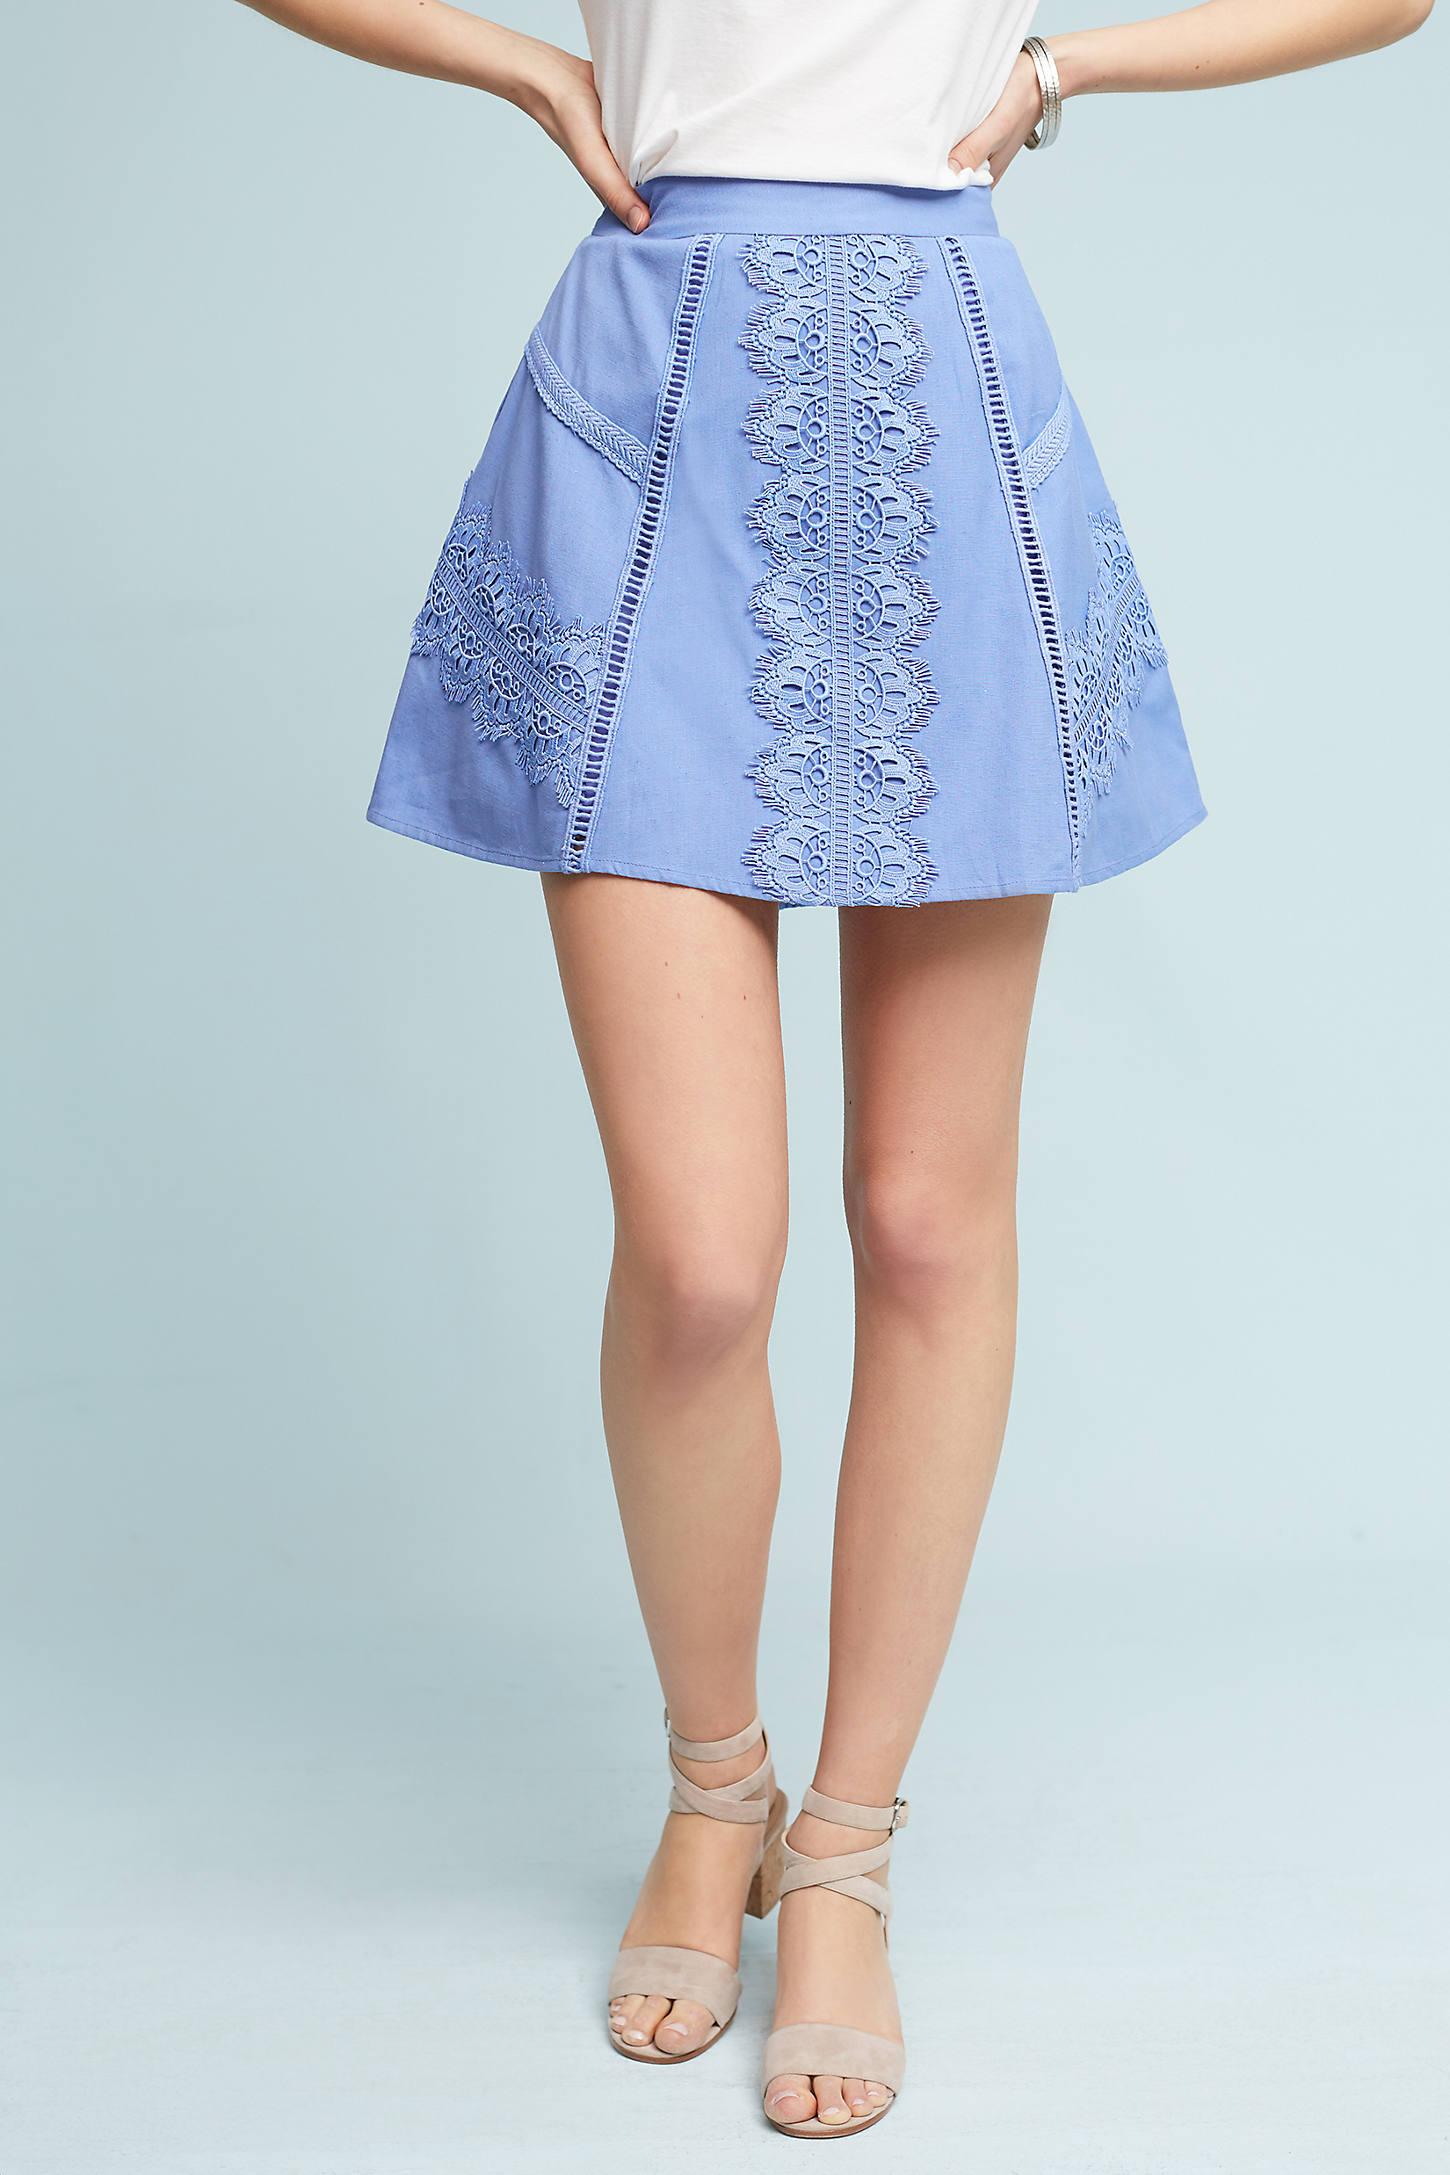 Bethenney Skirt